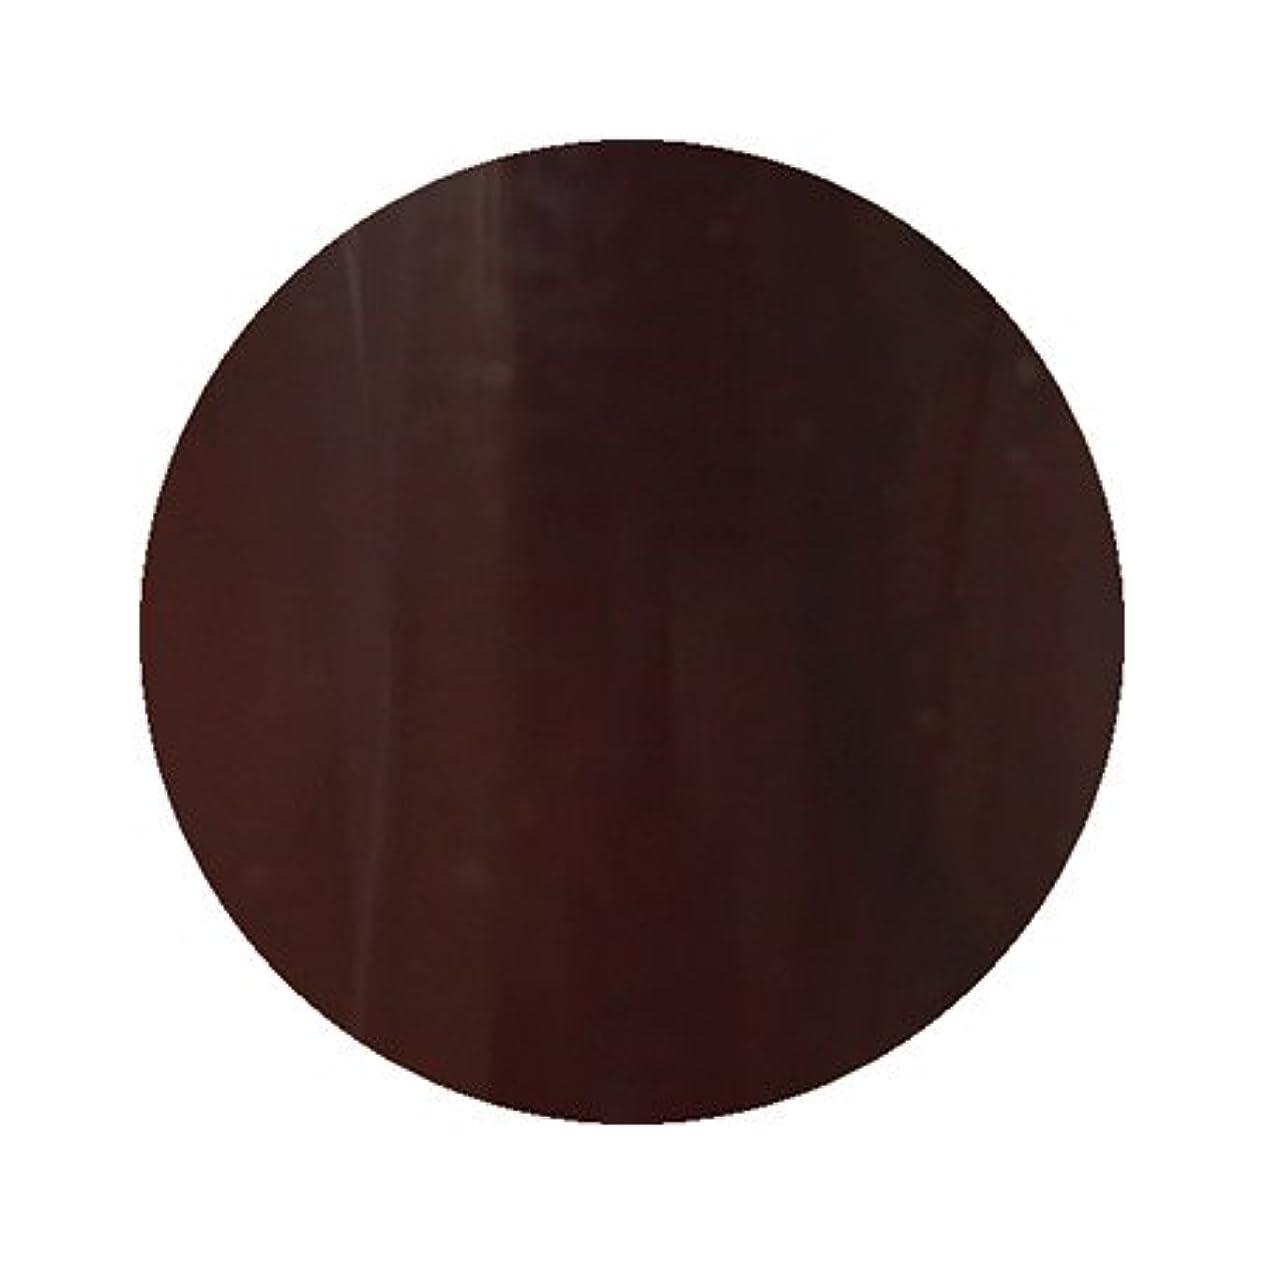 耐える不純直径パラポリッシュ ハイブリッドカラージェル MD13 ディープブラウン 7g